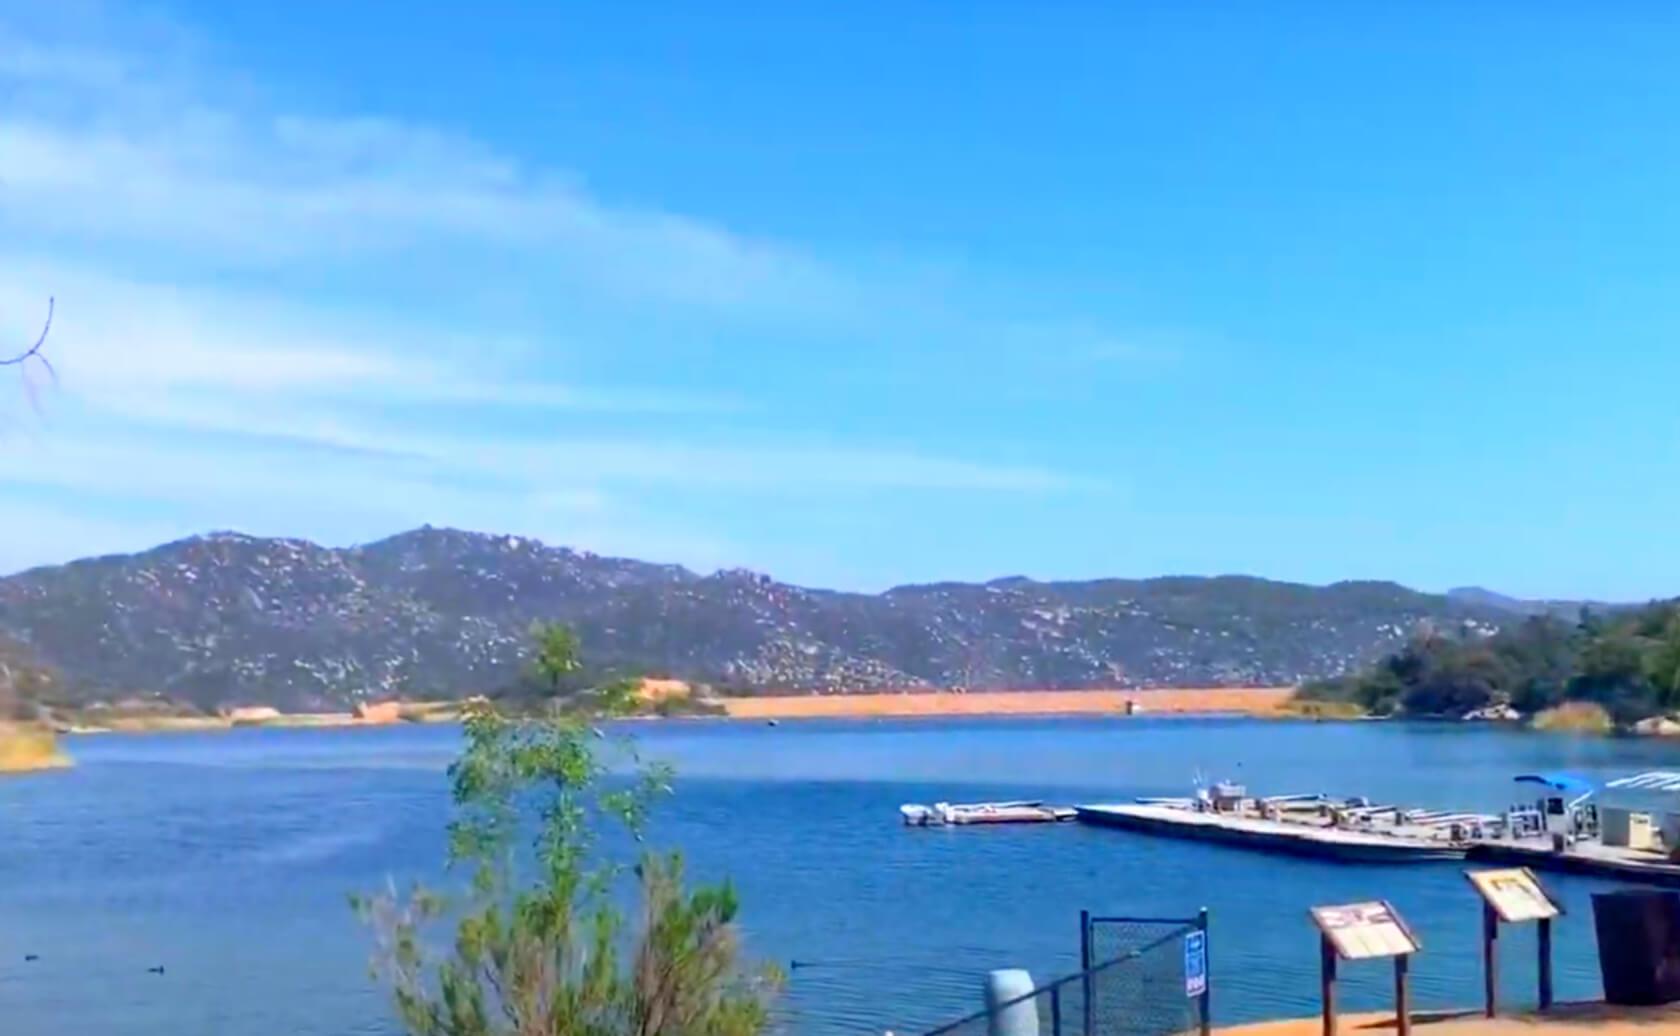 Dixon-Lake-Reservoir-Fishing-Guide-Report-CA-01